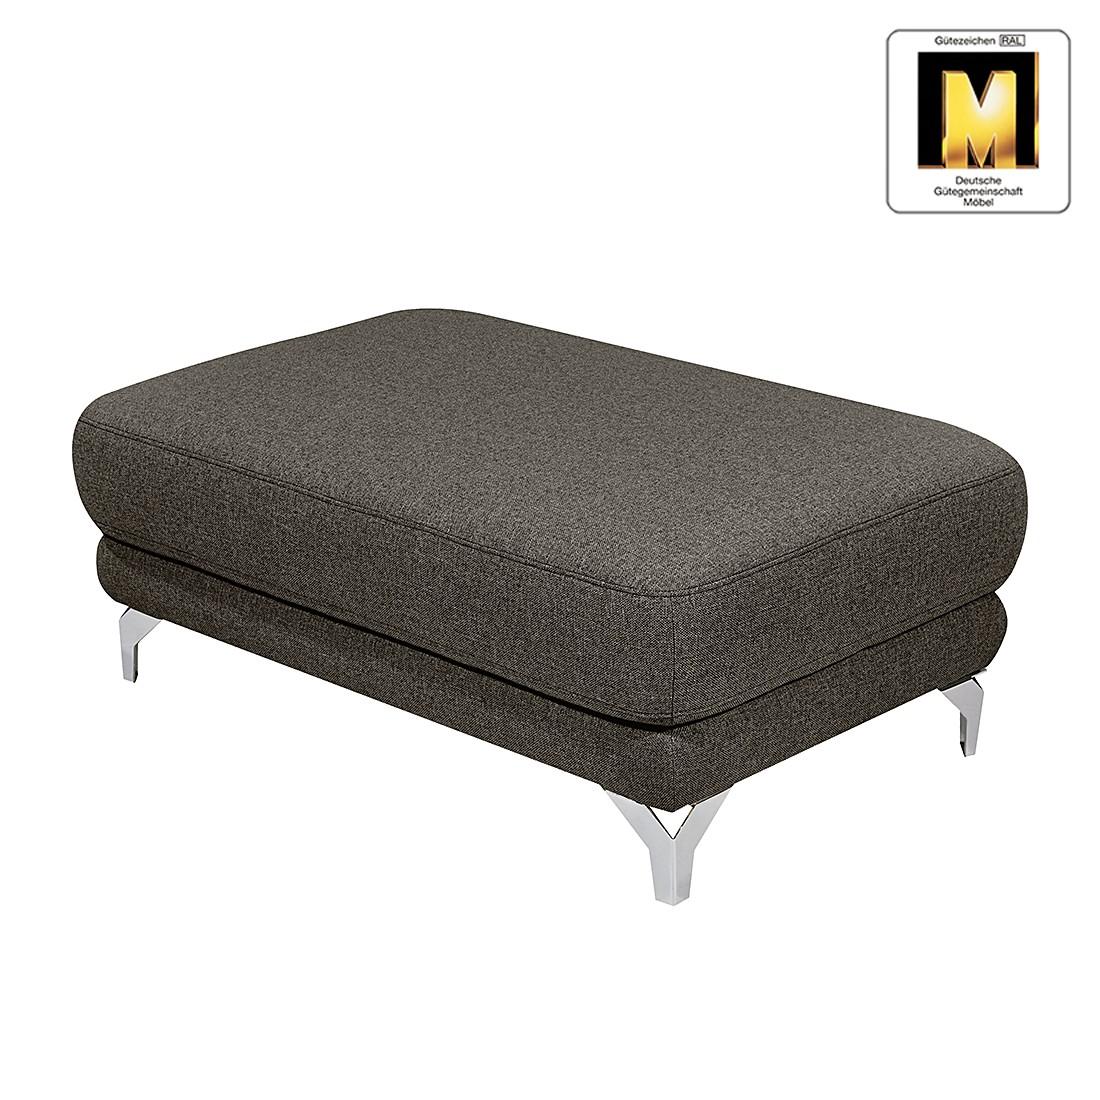 hockerbank casual line strukturstoff braun claas claasen g nstig bestellen. Black Bedroom Furniture Sets. Home Design Ideas